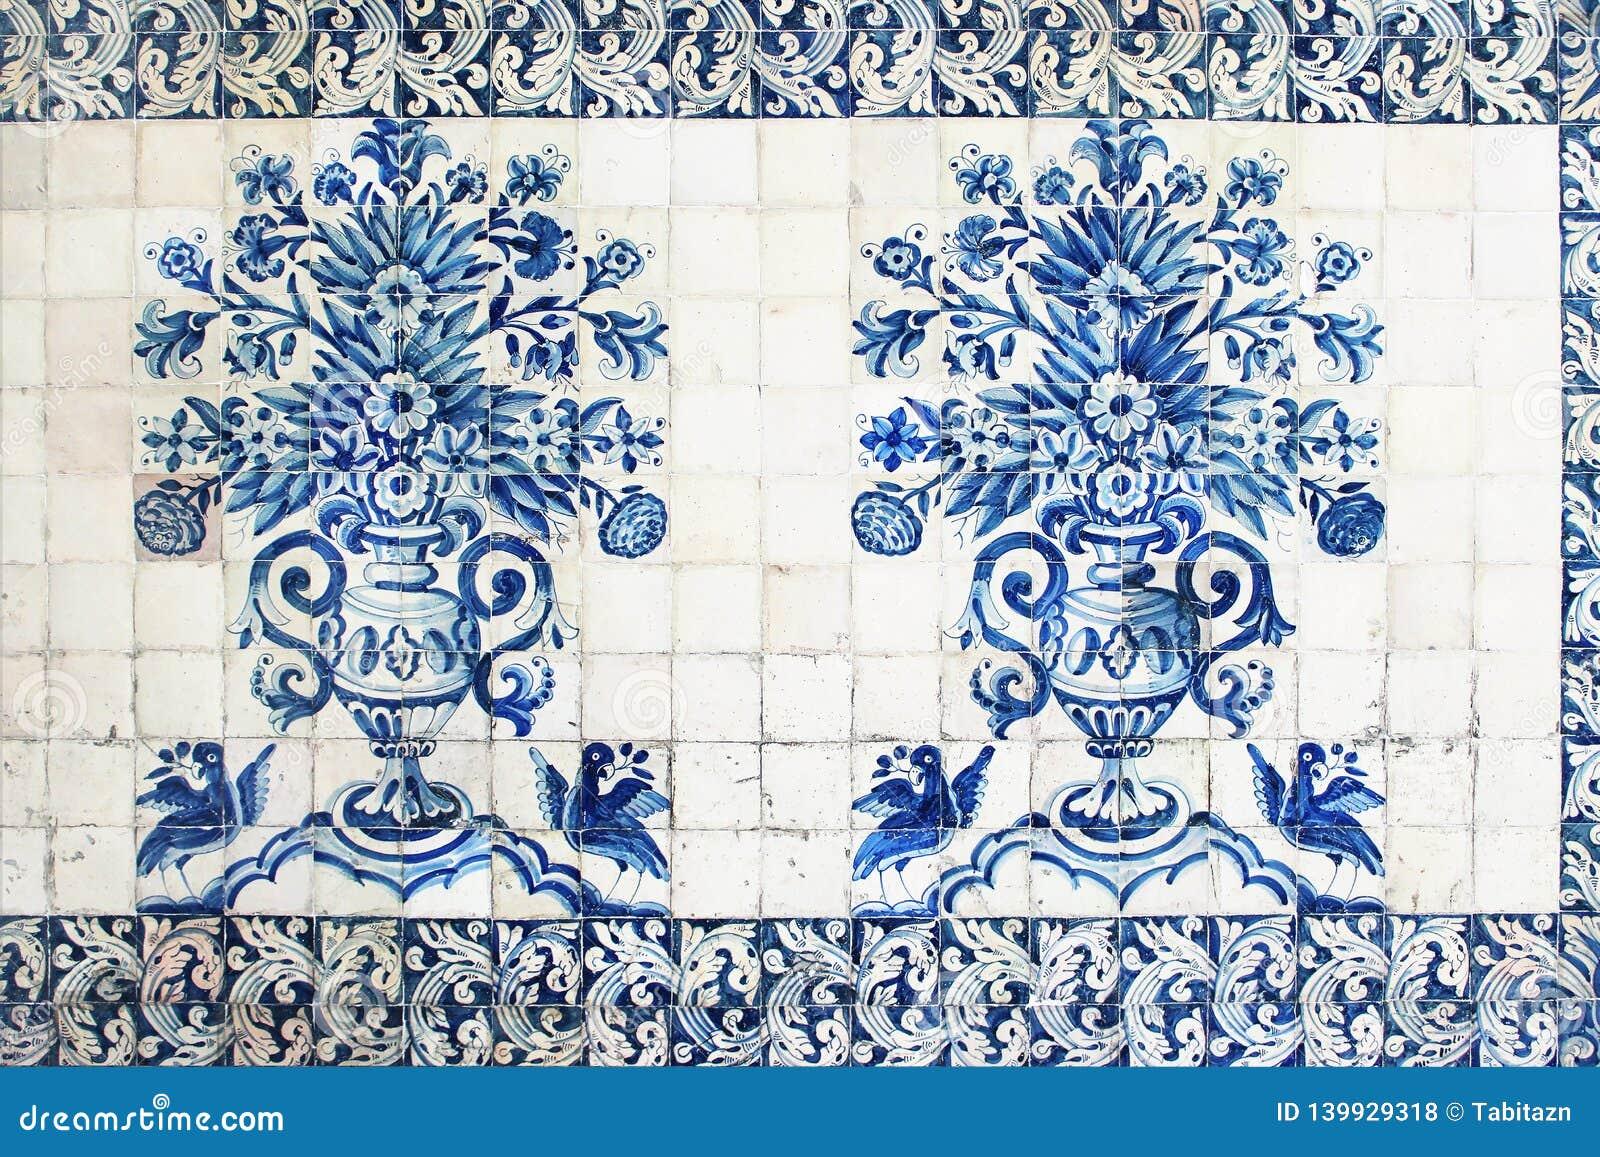 蓝色传统葡萄牙瓷砖azulejos 门面,老科英布拉大学大厦,葡萄牙墙壁装饰